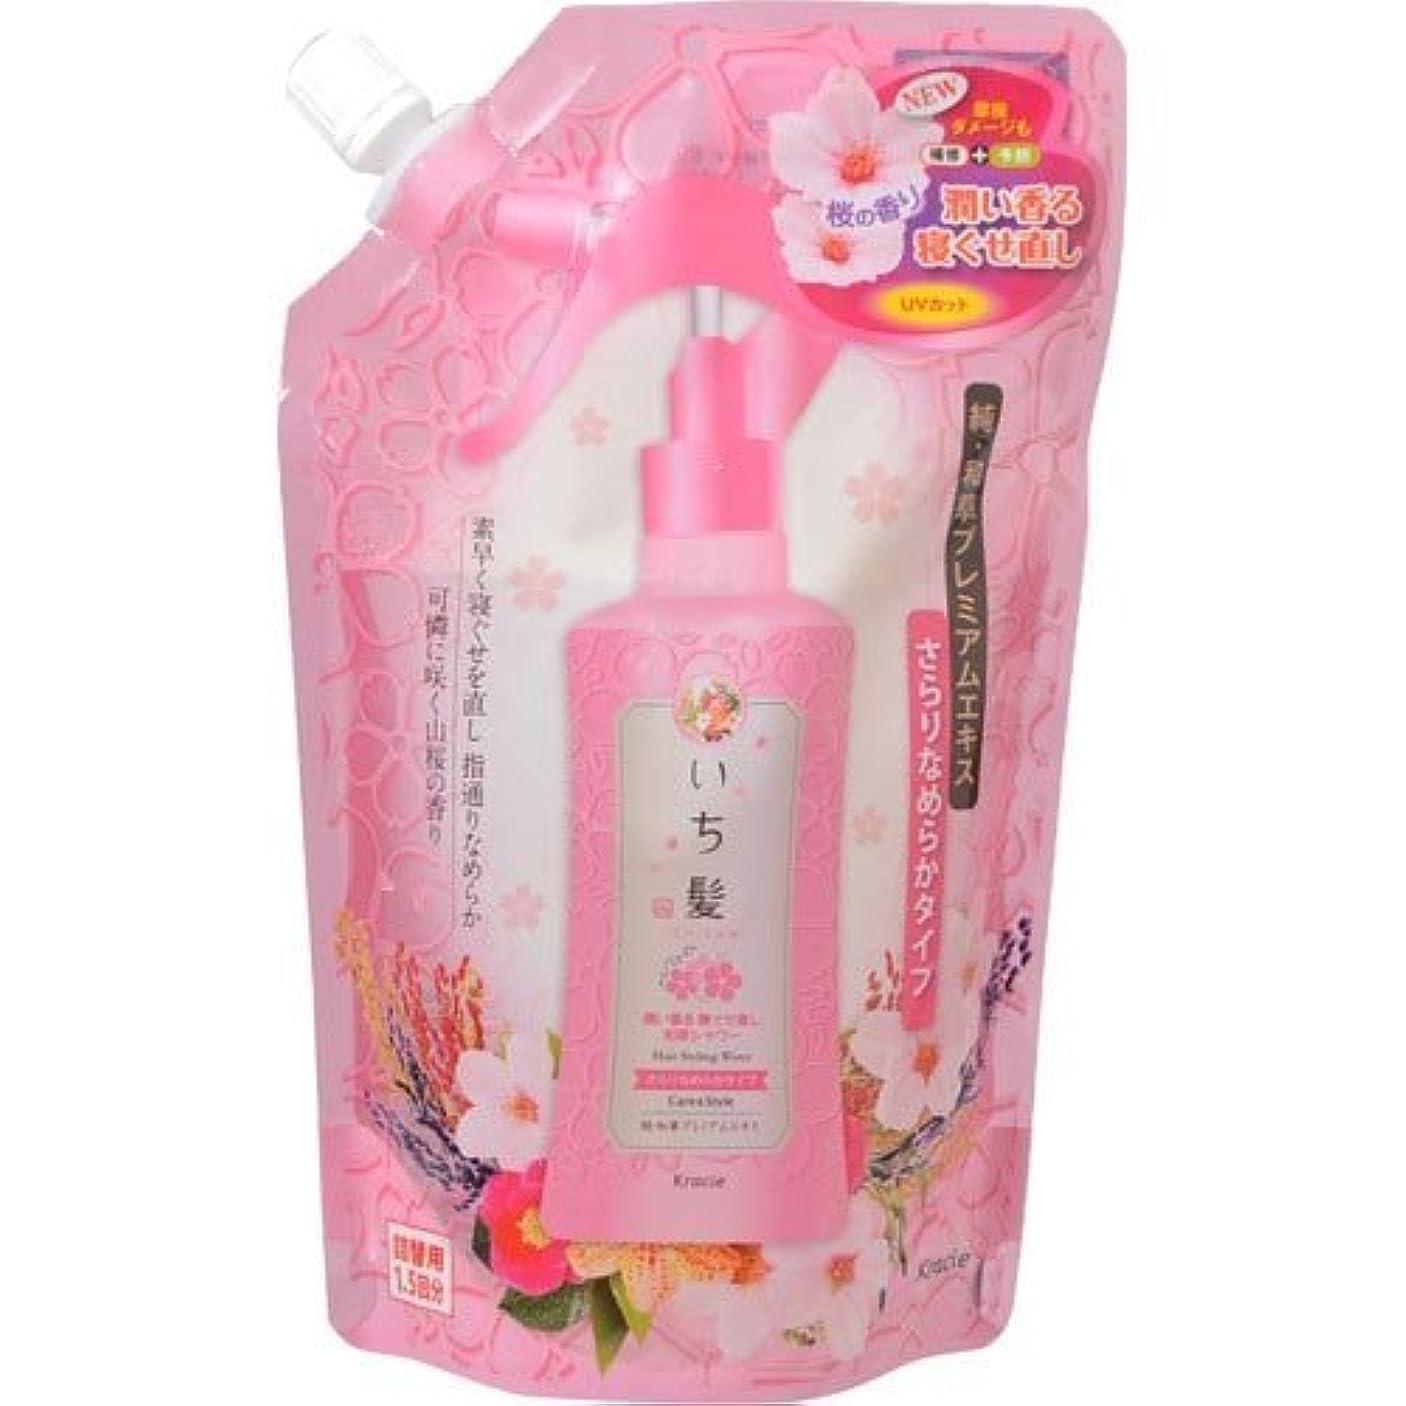 永遠のリフト昆虫を見るいち髪 潤い香る寝ぐせ直し和草シャワー さらりなめらかタイプ 詰替用 375mL